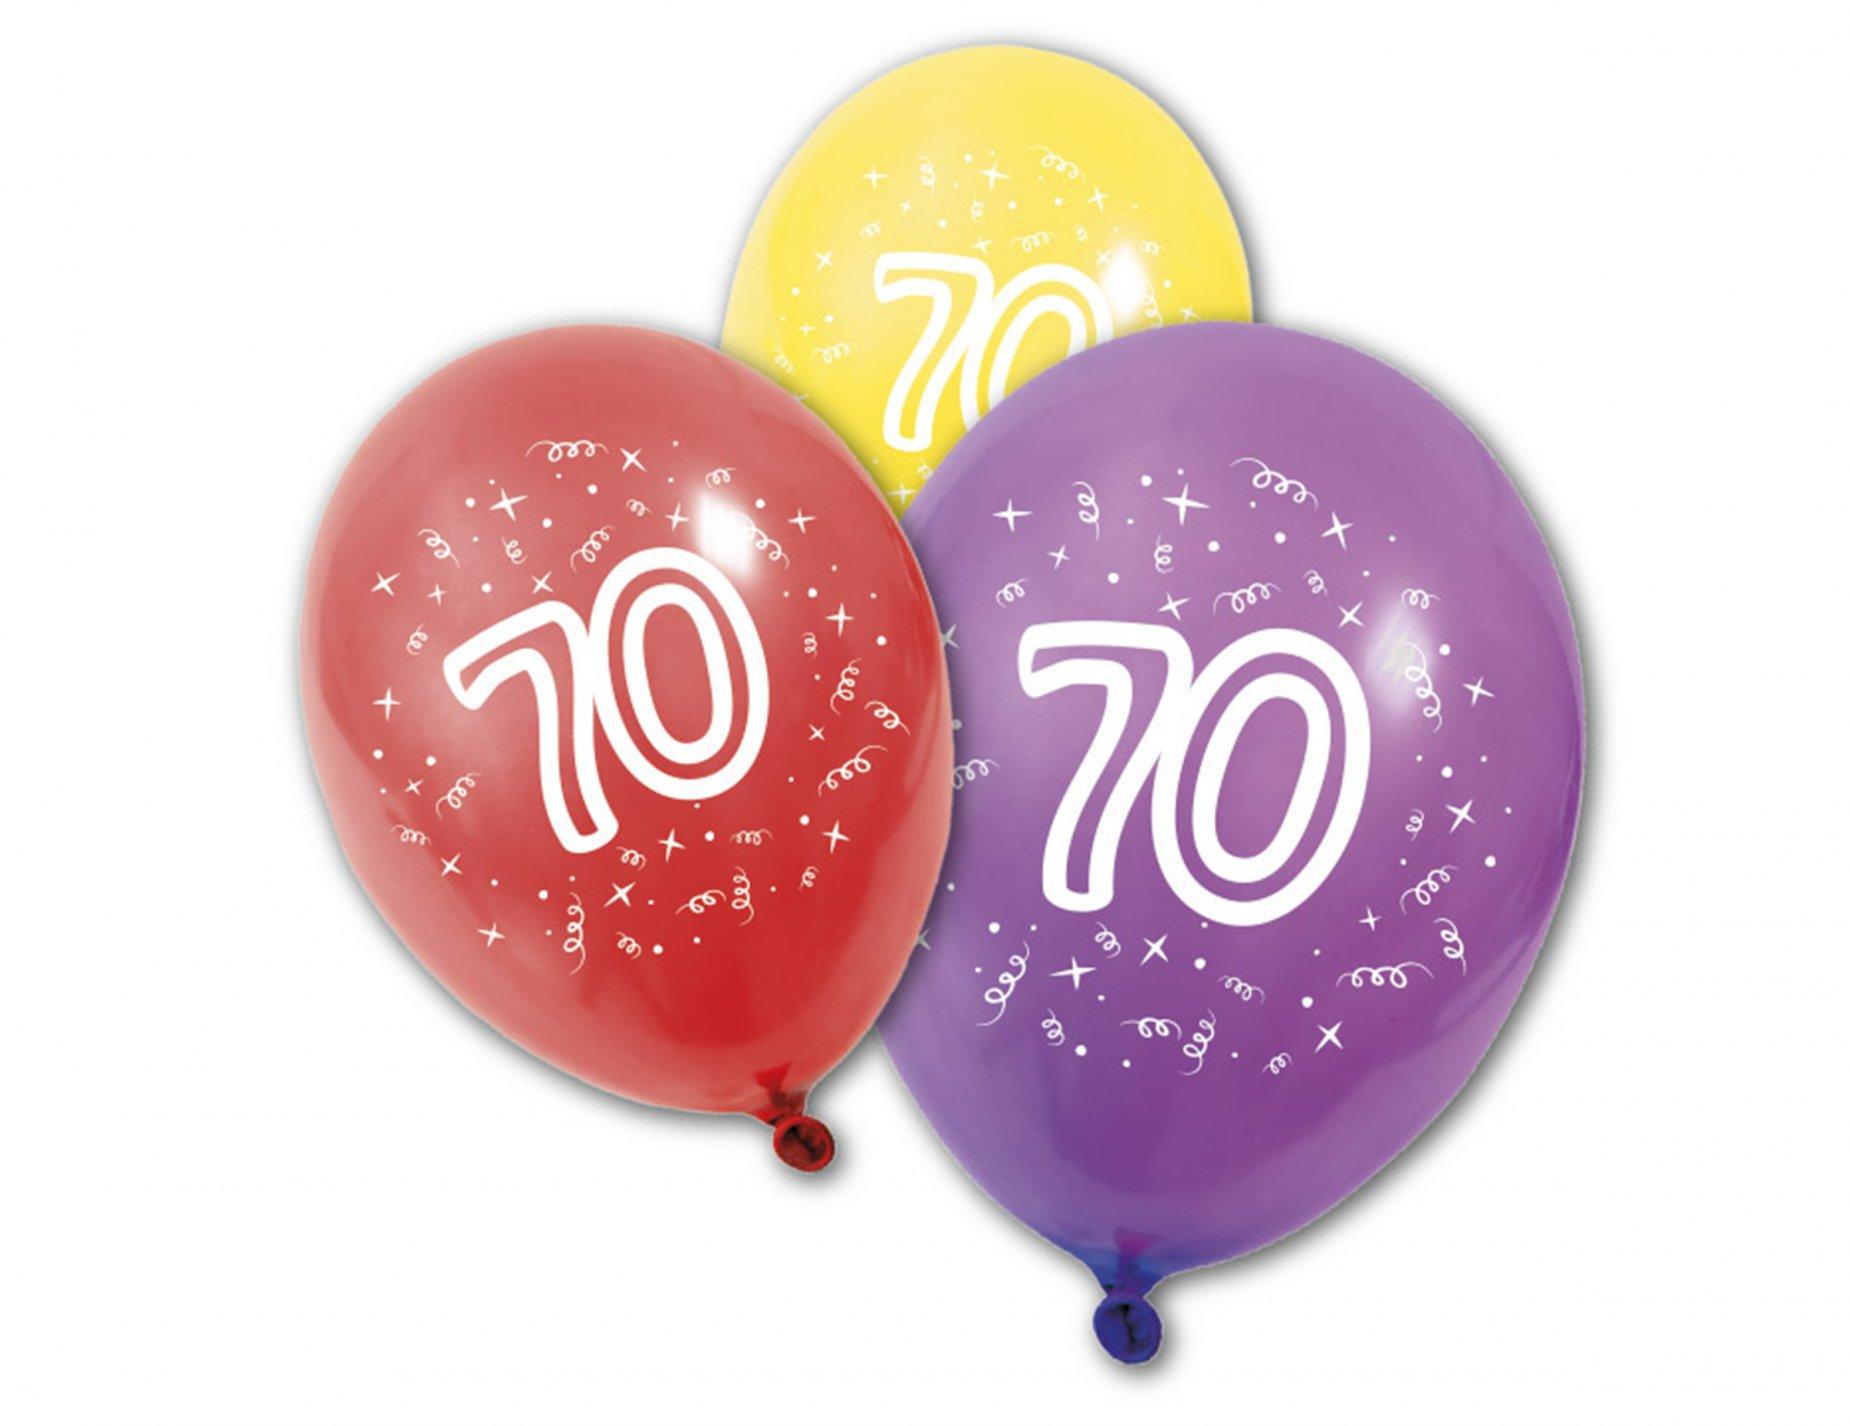 8 ballons en latex anniversaire 70 ans d coration. Black Bedroom Furniture Sets. Home Design Ideas